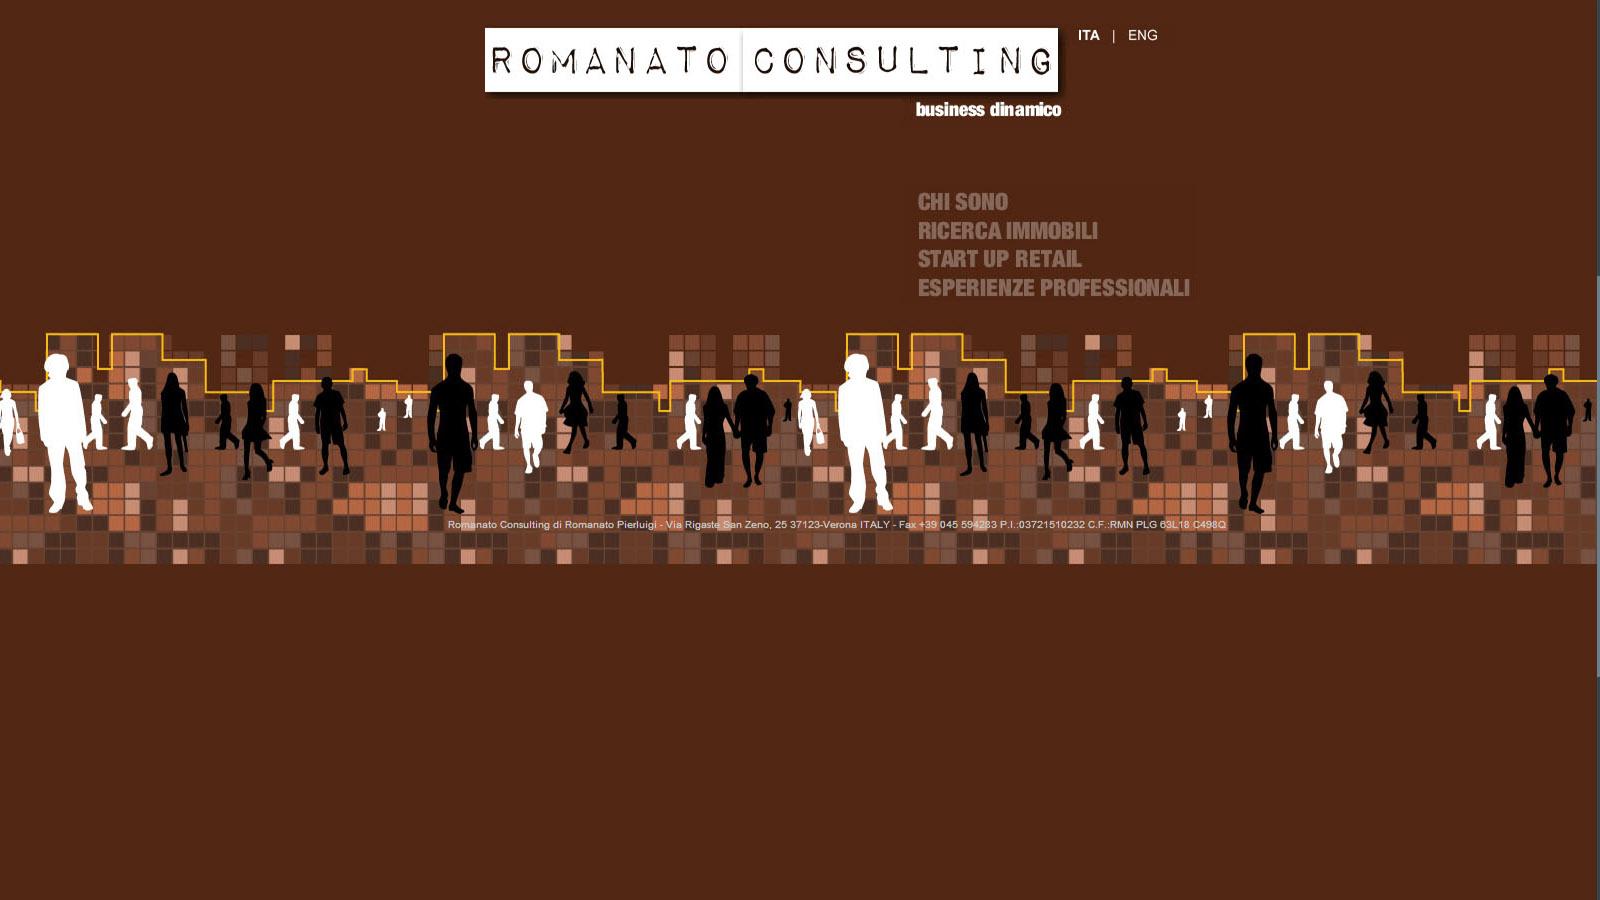 romanato-consulting-sito-home